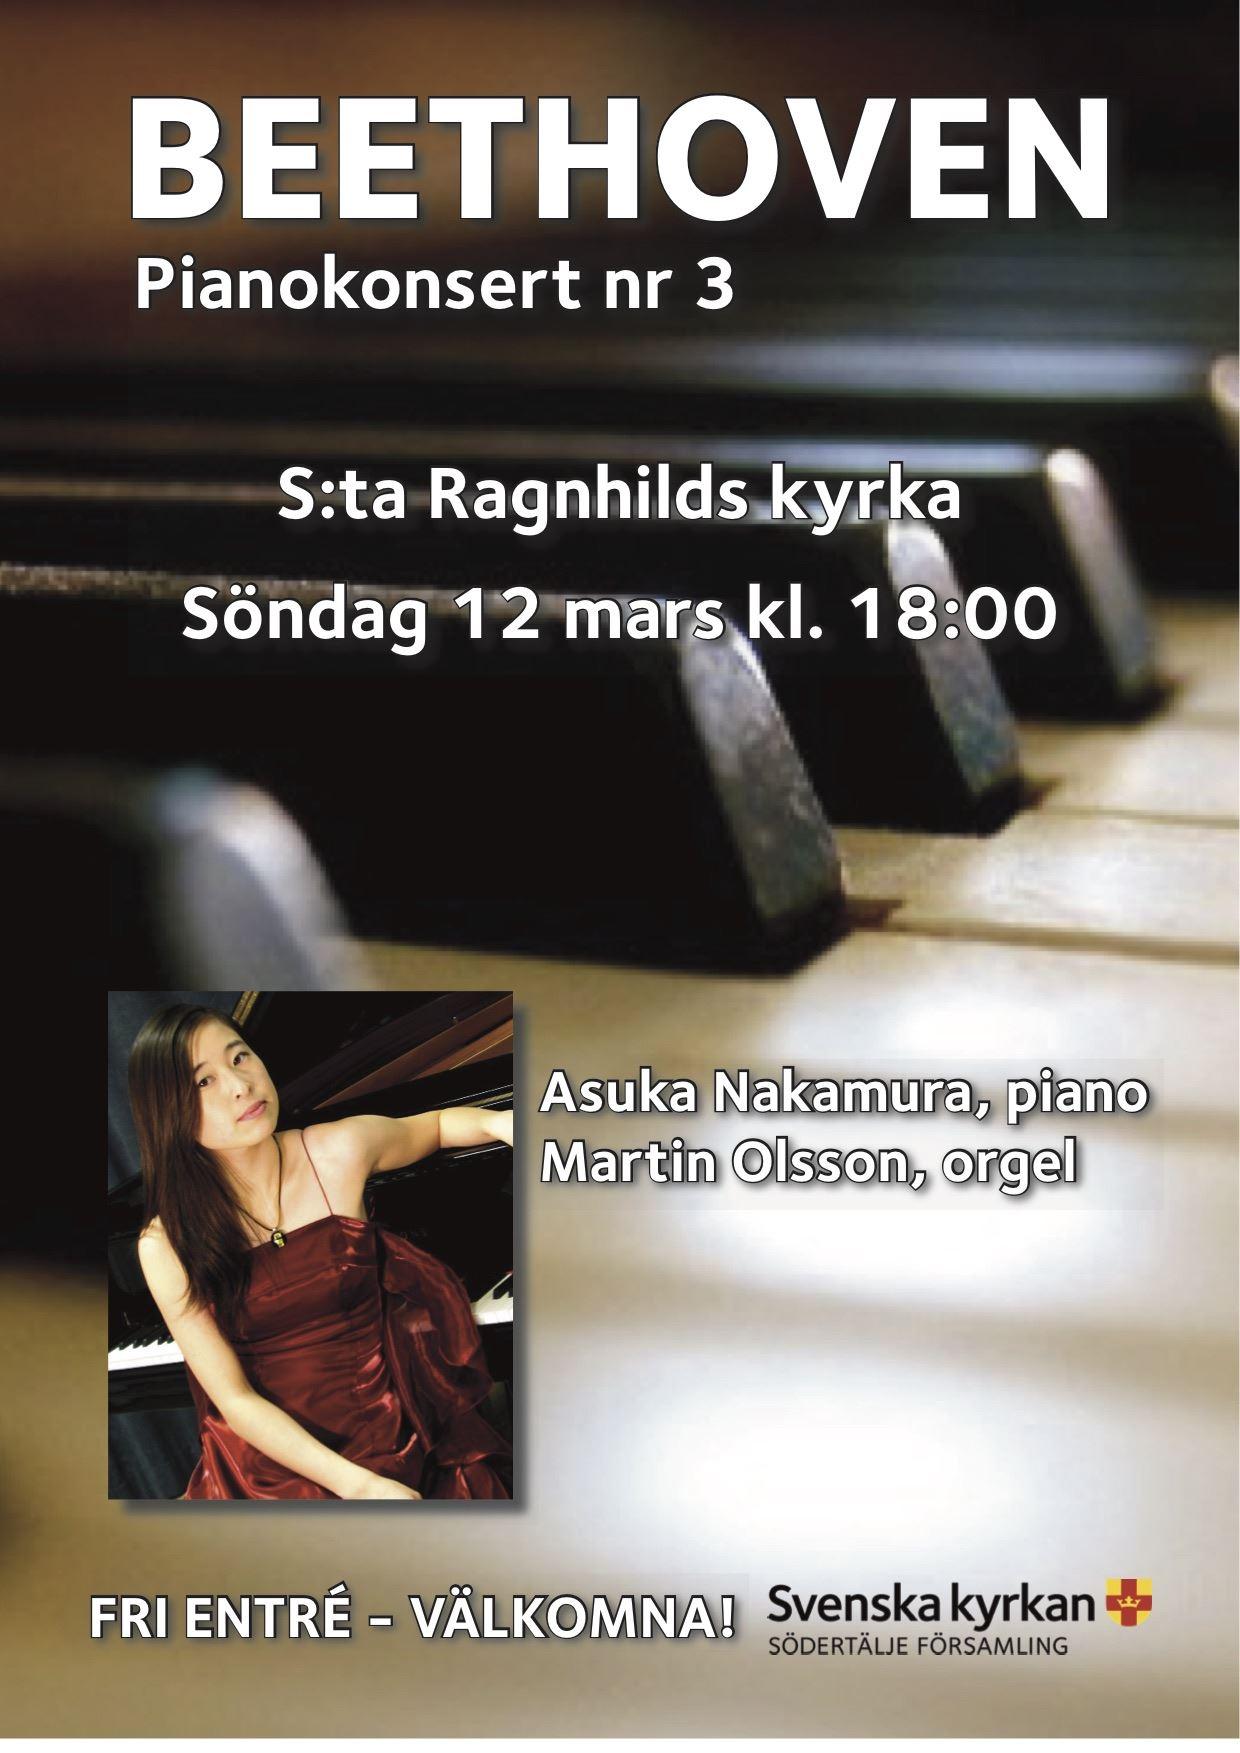 Konsert Beethoven